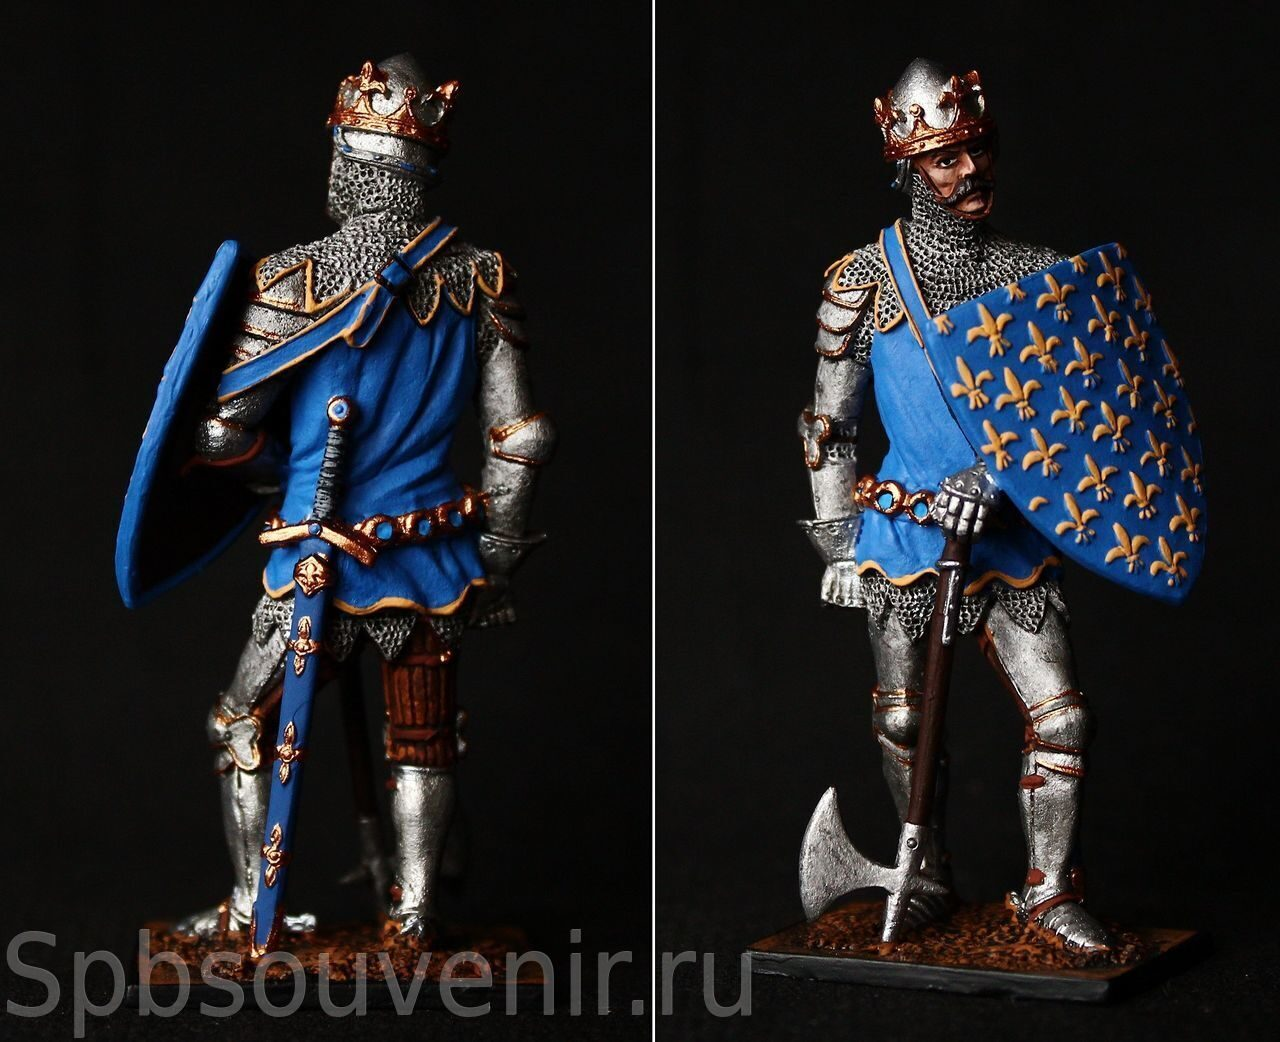 Купить, недорого, коллекционные, модели, оловянные фигурки, с доставкой, по почте, немецкие, русские